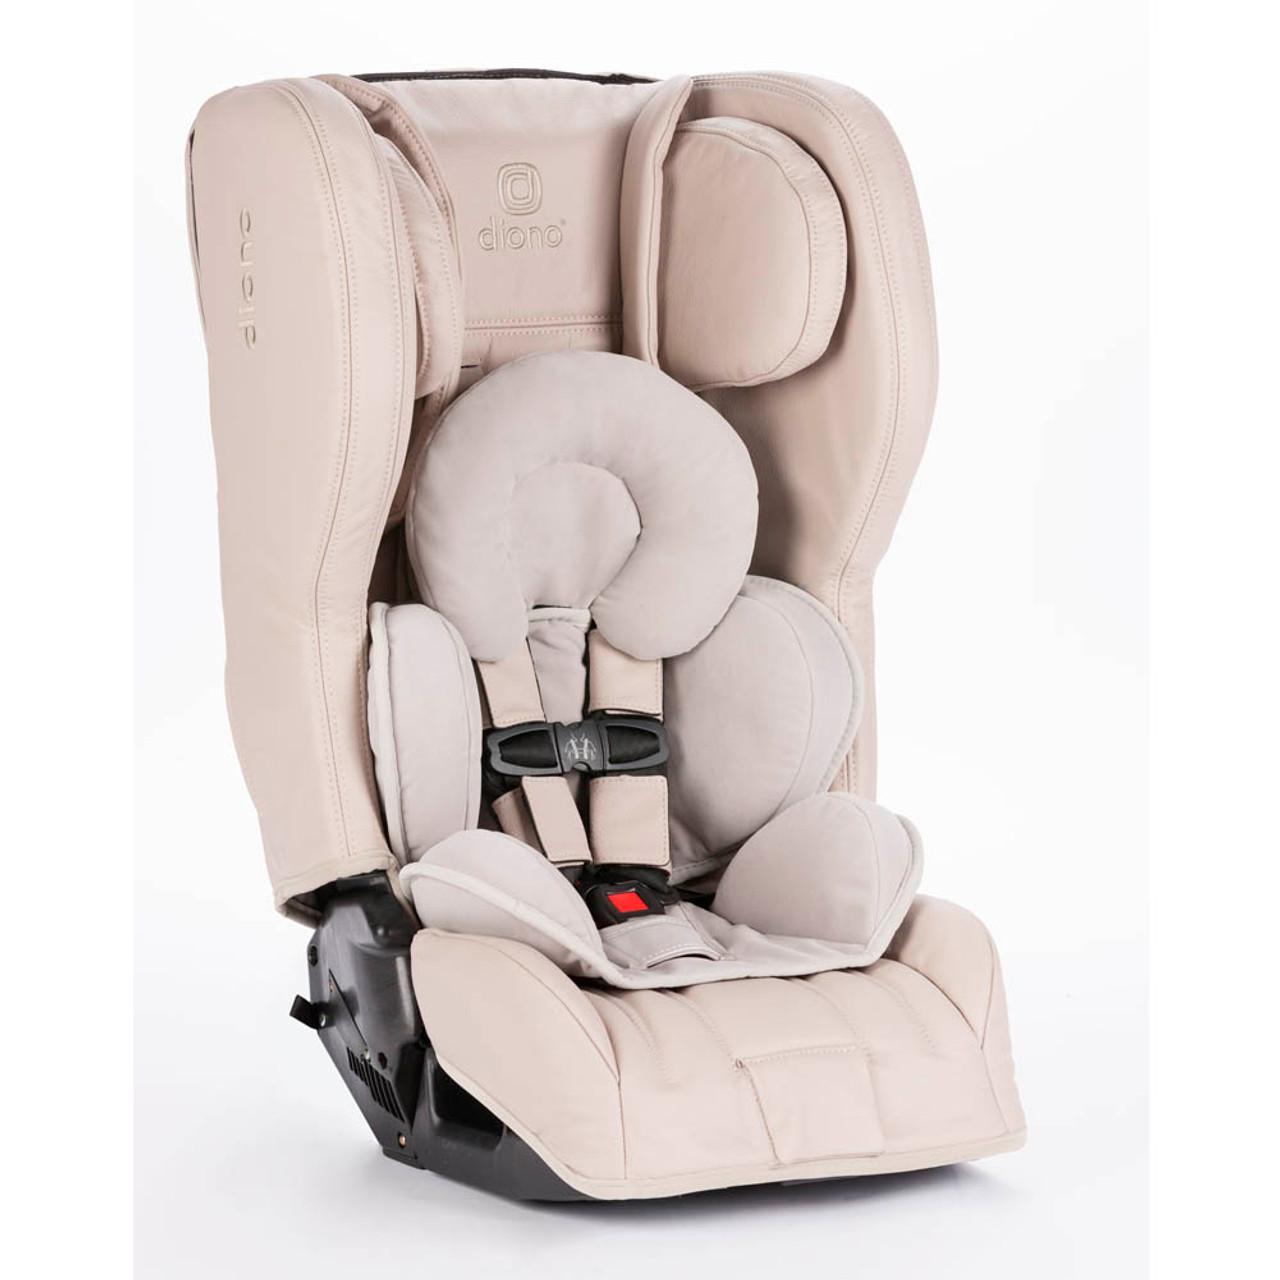 Diono Rainier 2AXT Convertible Car Seat